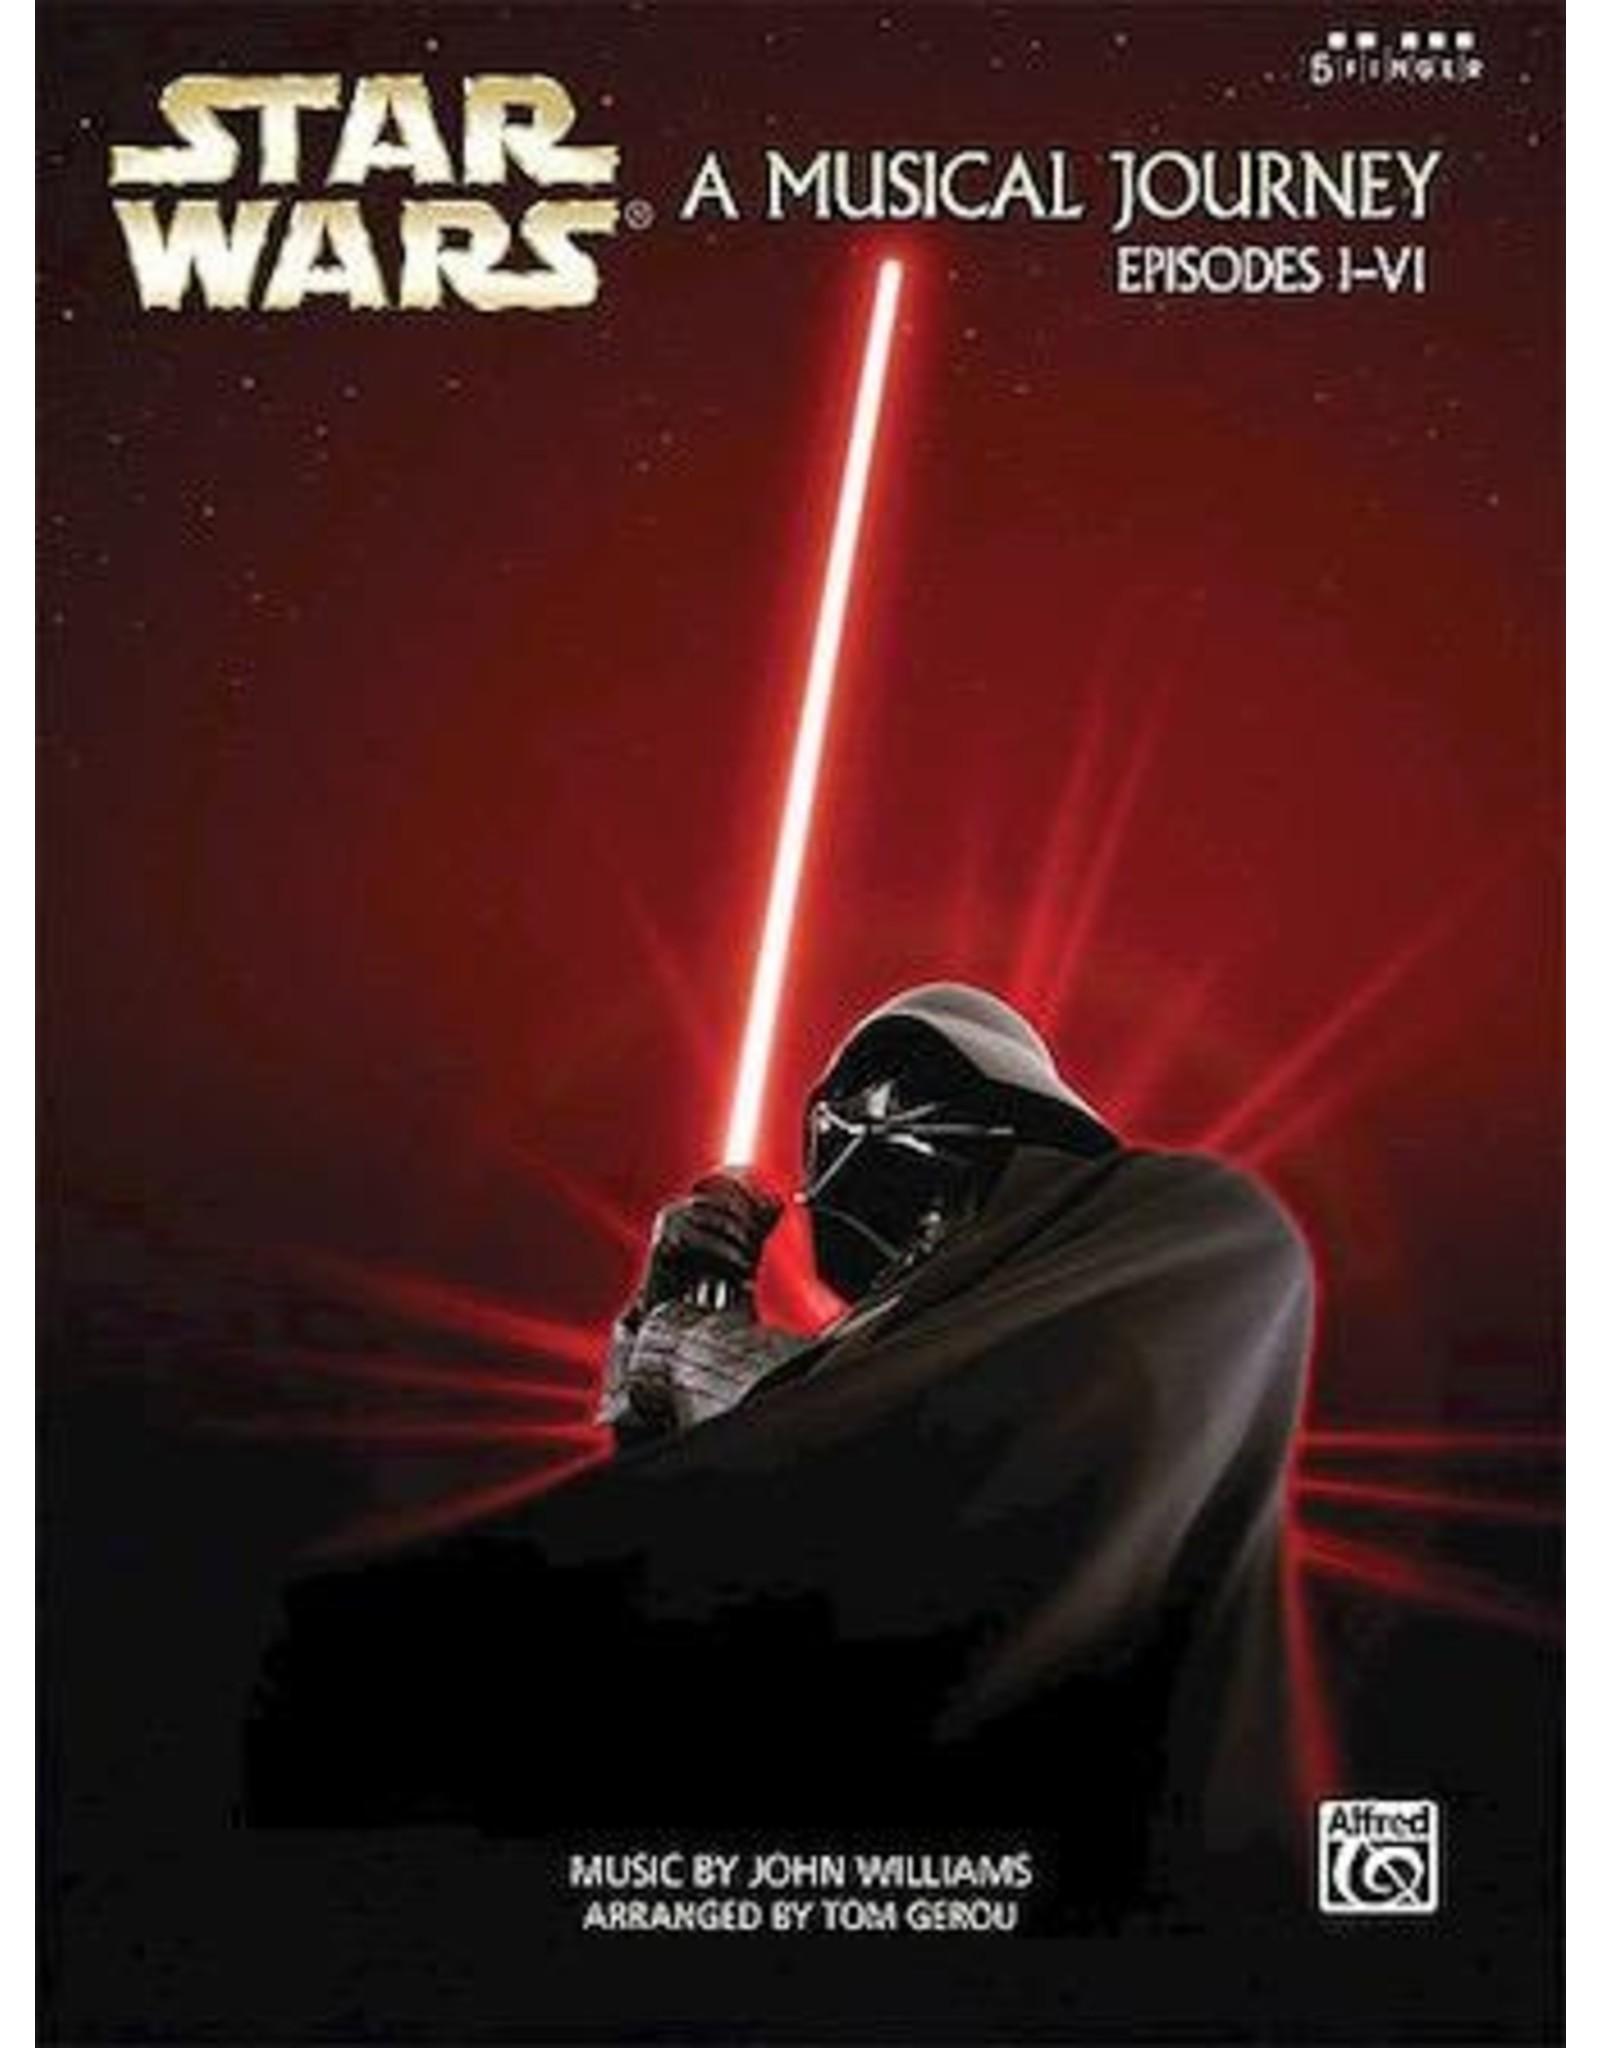 Hal Leonard Star Wars - A Musical Journey Episodes I-VI 5 Finger